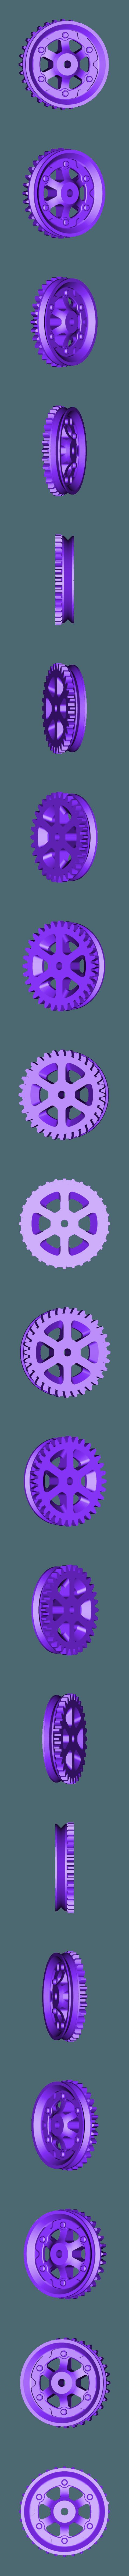 XX_Wheel_Rear_R.stl Télécharger fichier STL gratuit Vapemobile : Voiture jouet pneumatique • Modèle pour imprimante 3D, Slava_Z